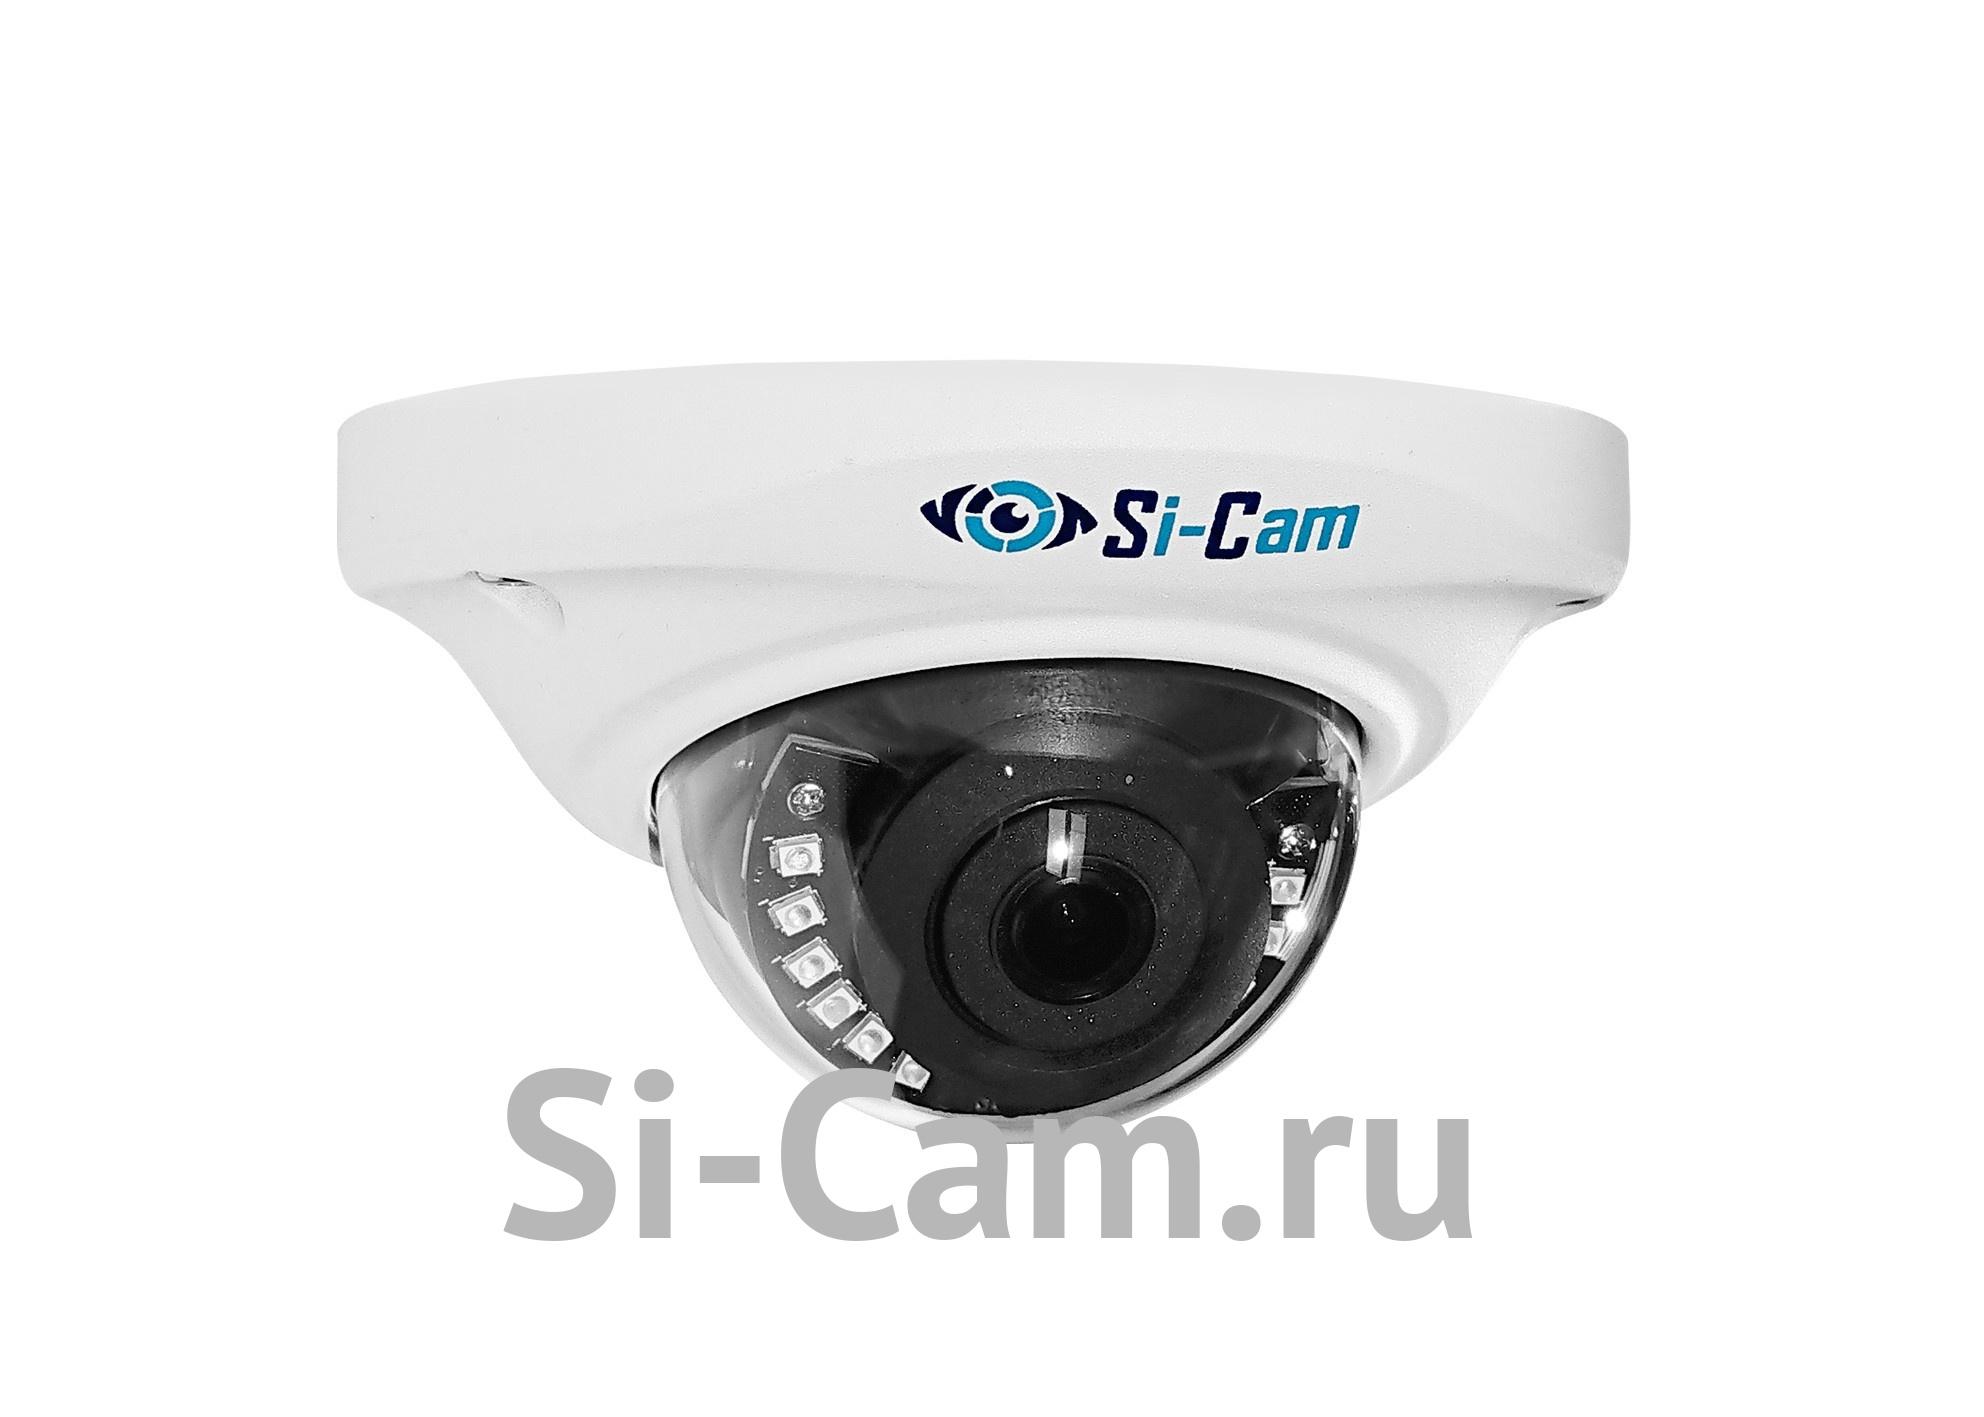 SC-DSW206F IR Купольная уличная антивандальная IP видеокамера